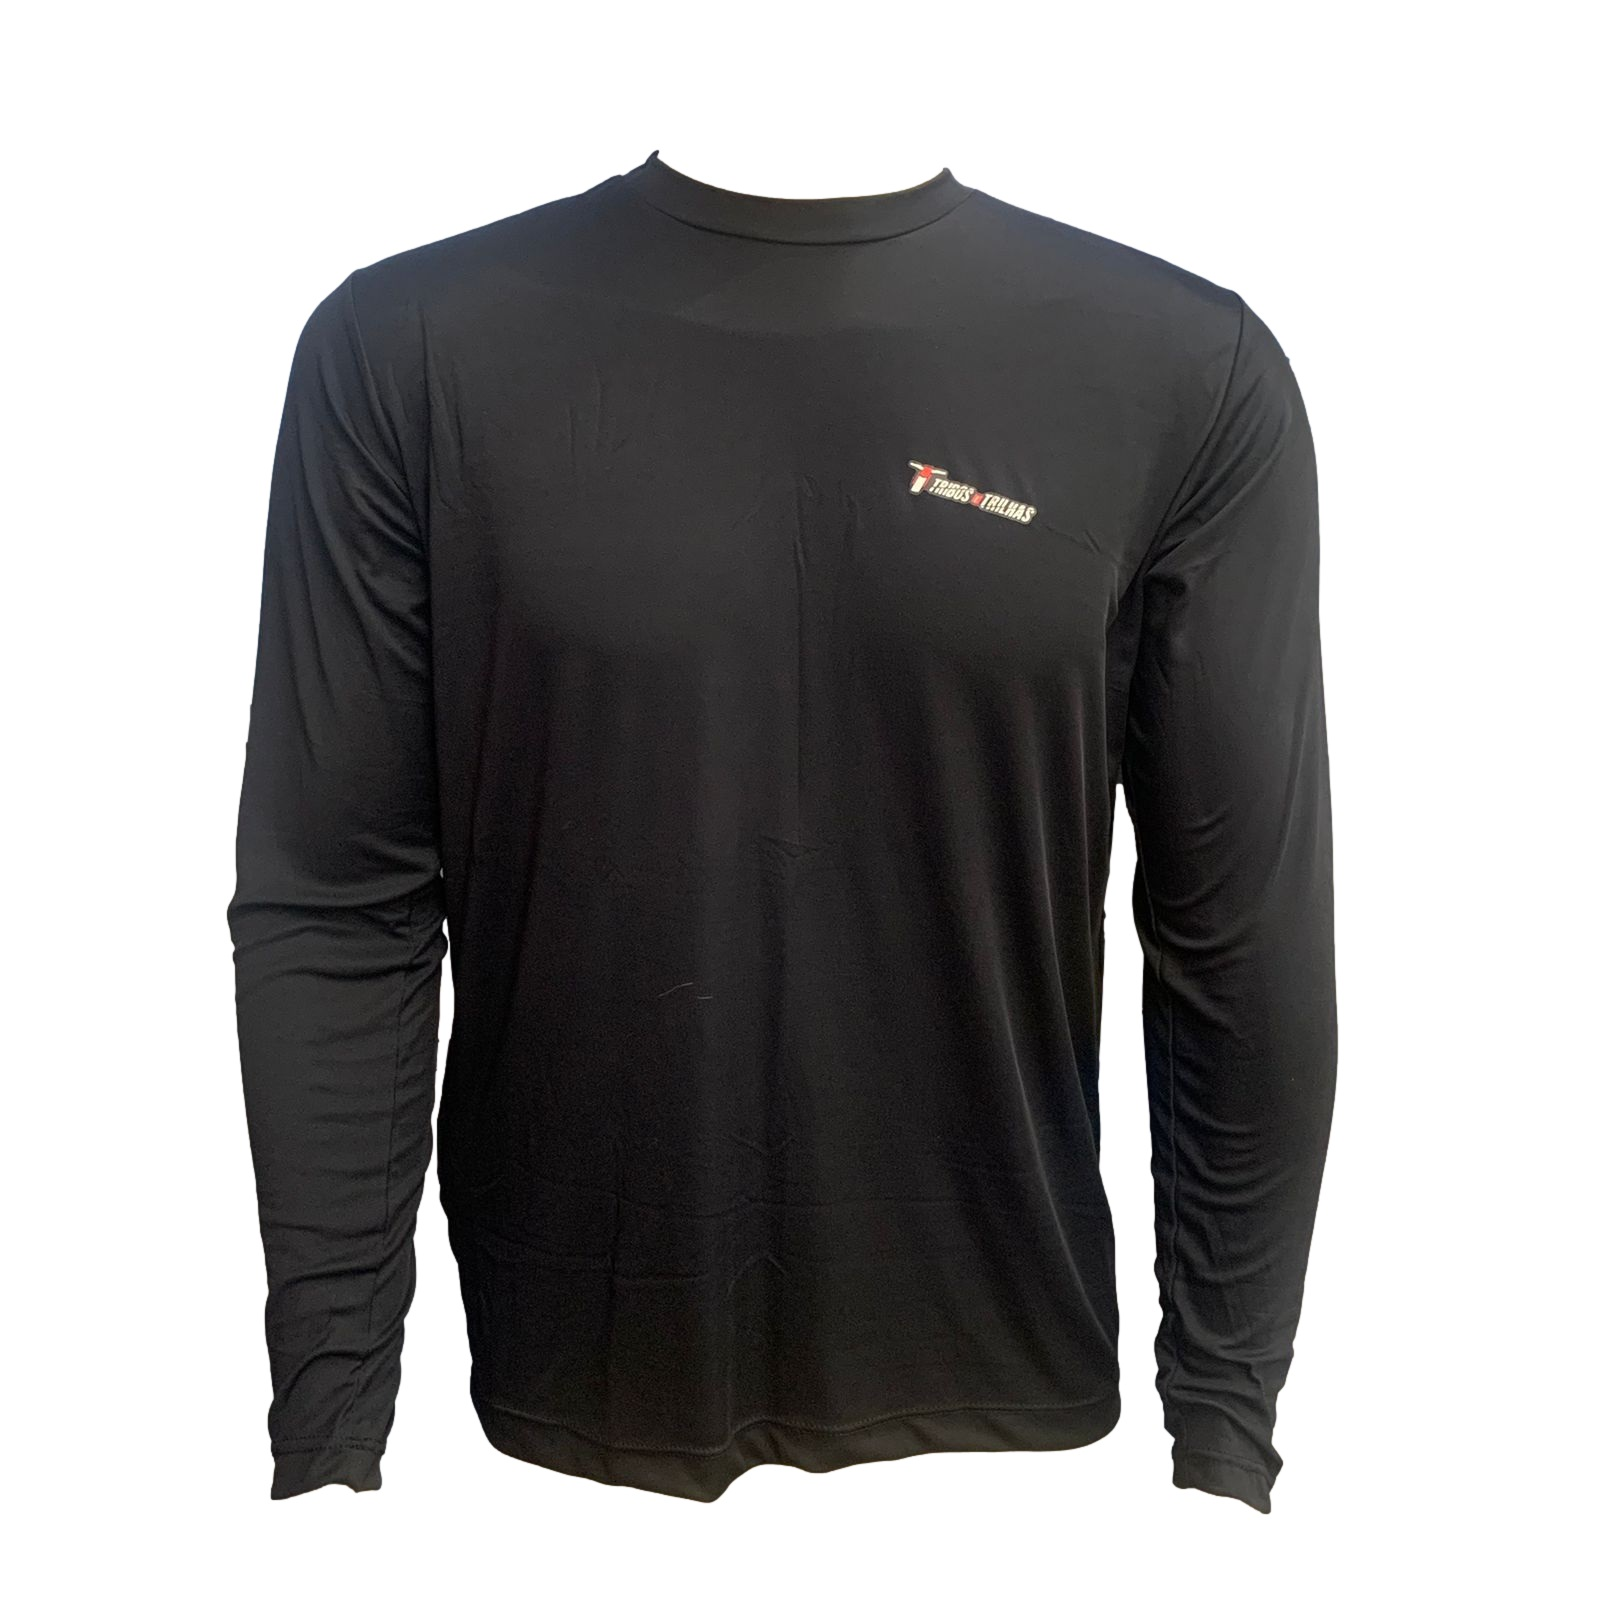 Camisa Segunda Pele Tribos e Trilhas FPS 50+